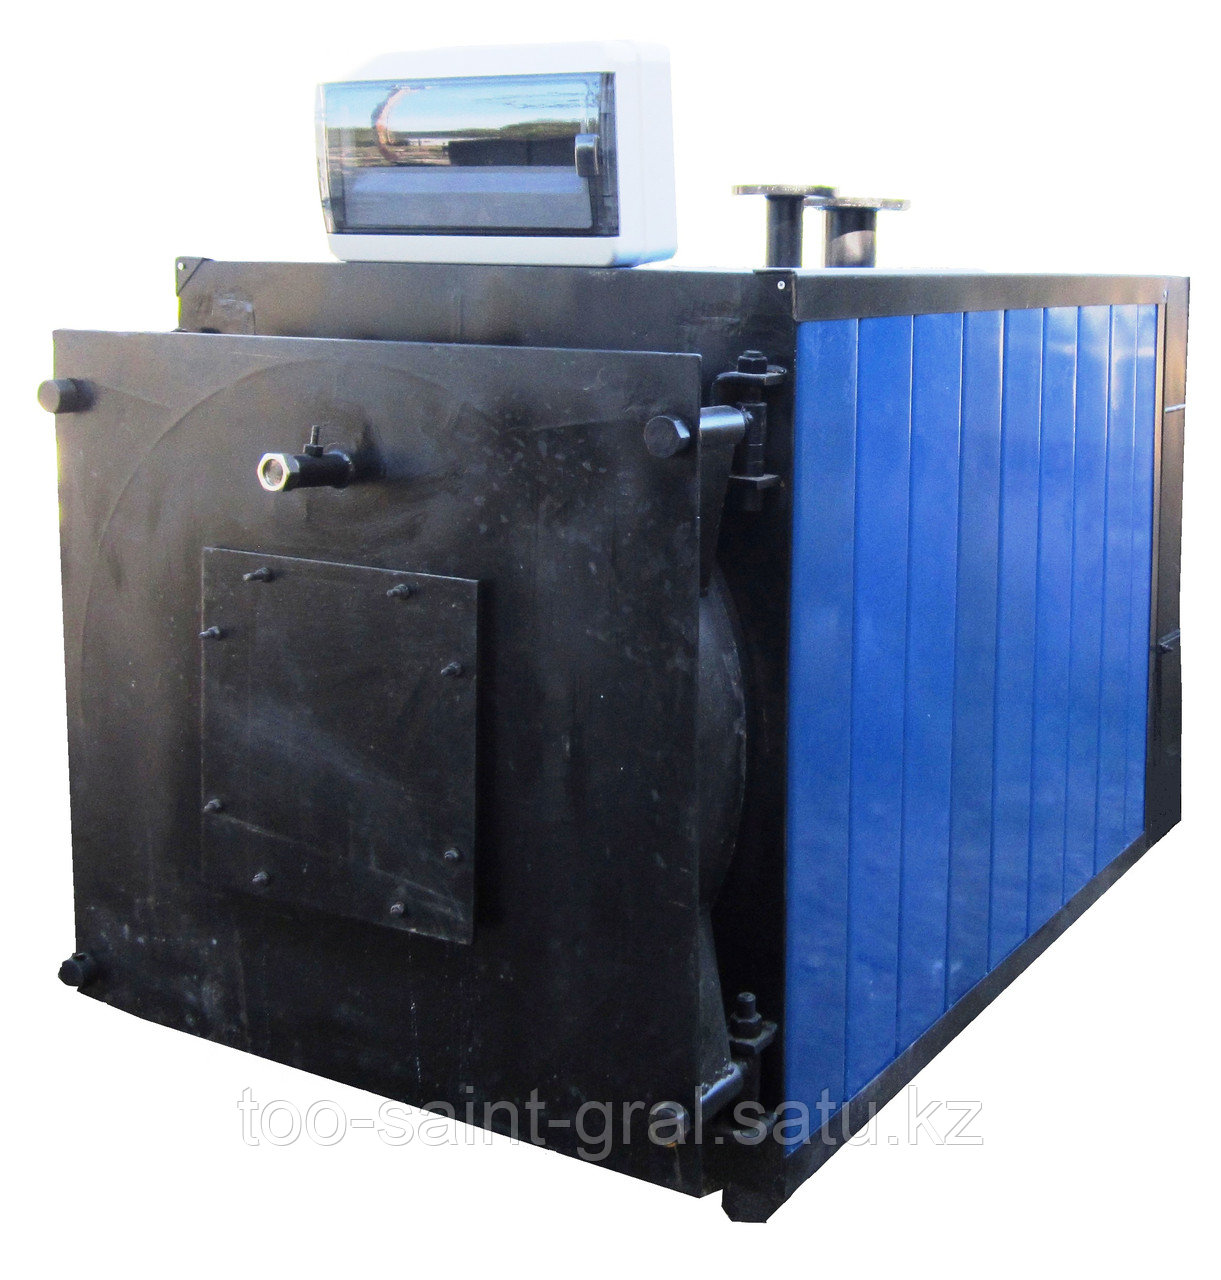 ВВ-850 Котёл водогрейный на жидком топливе и газе